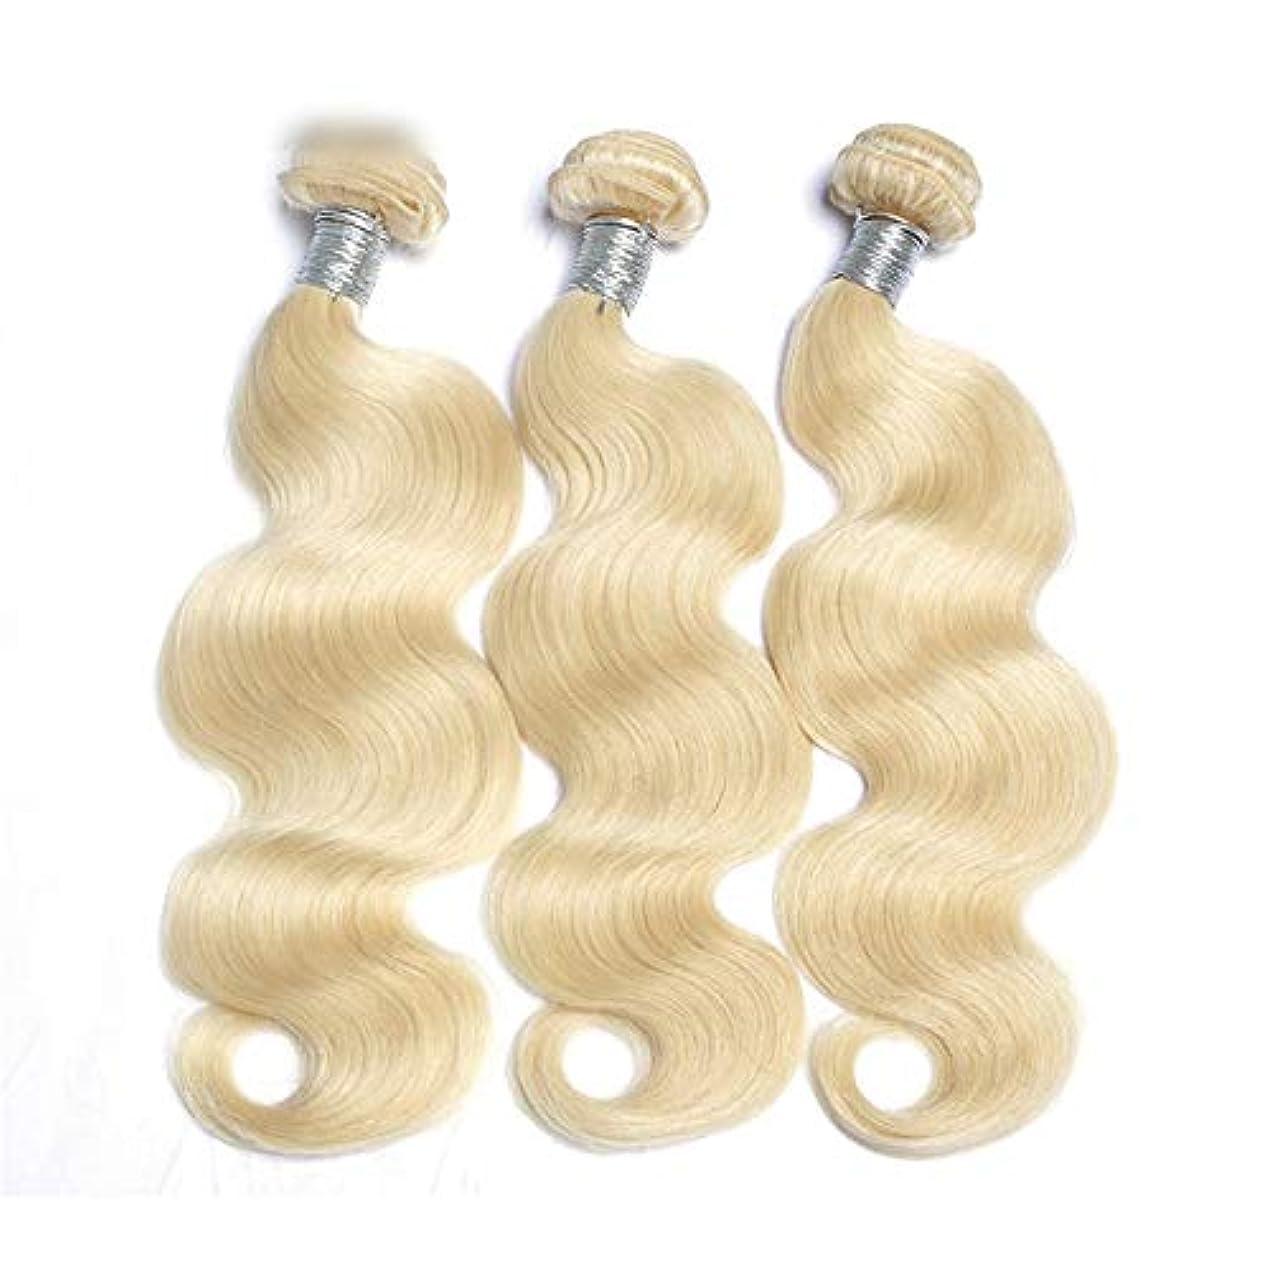 嫌な散髪アルファベット順WASAIO 閉鎖バンドル編むの拡張子を持つ本物の人間の髪、ブラジルのボディウェーブブロンドウィーブ (色 : Blonde, サイズ : 10inch)